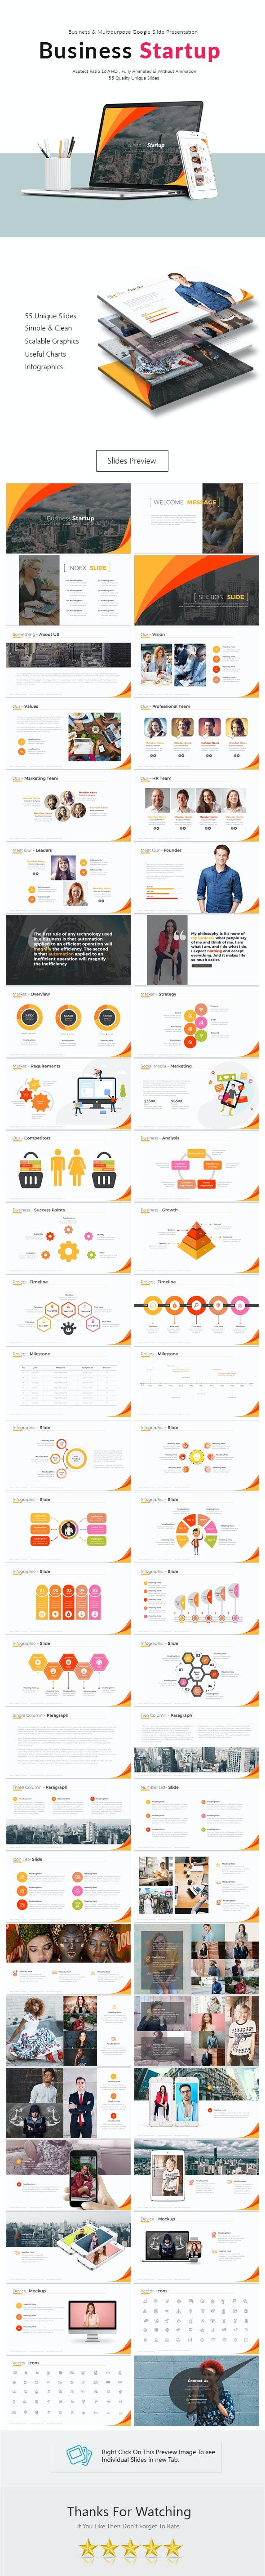 Business Startup Google Slide Presentation - Google Slides Presentation Templates